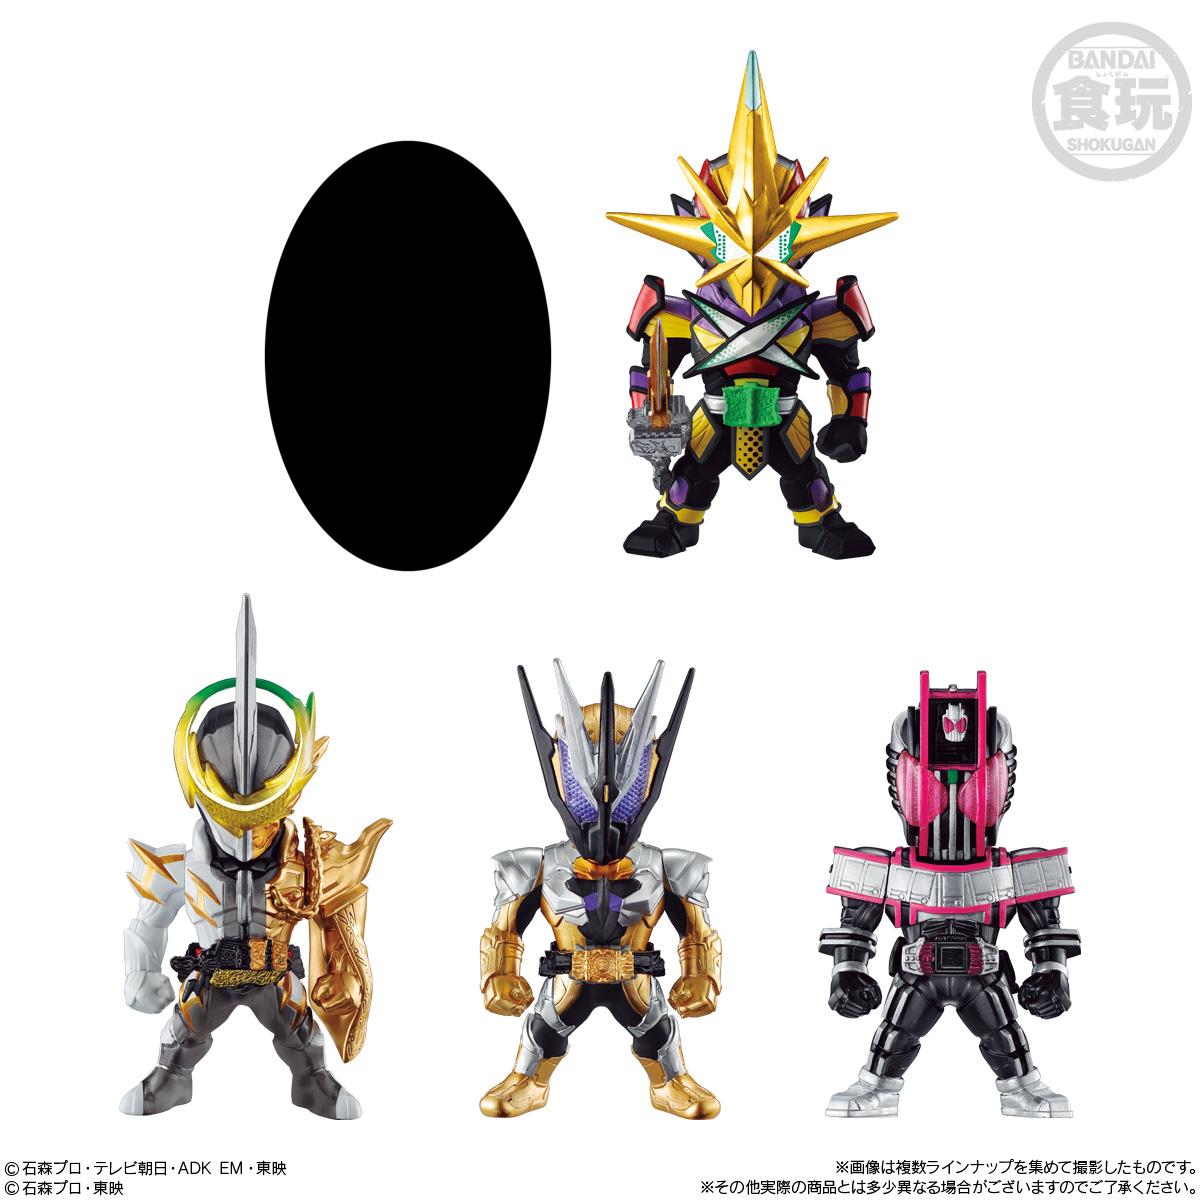 【食玩】コンバージ仮面ライダー『CONVERGE KAMEN RIDER 21』10個入りBOX-006